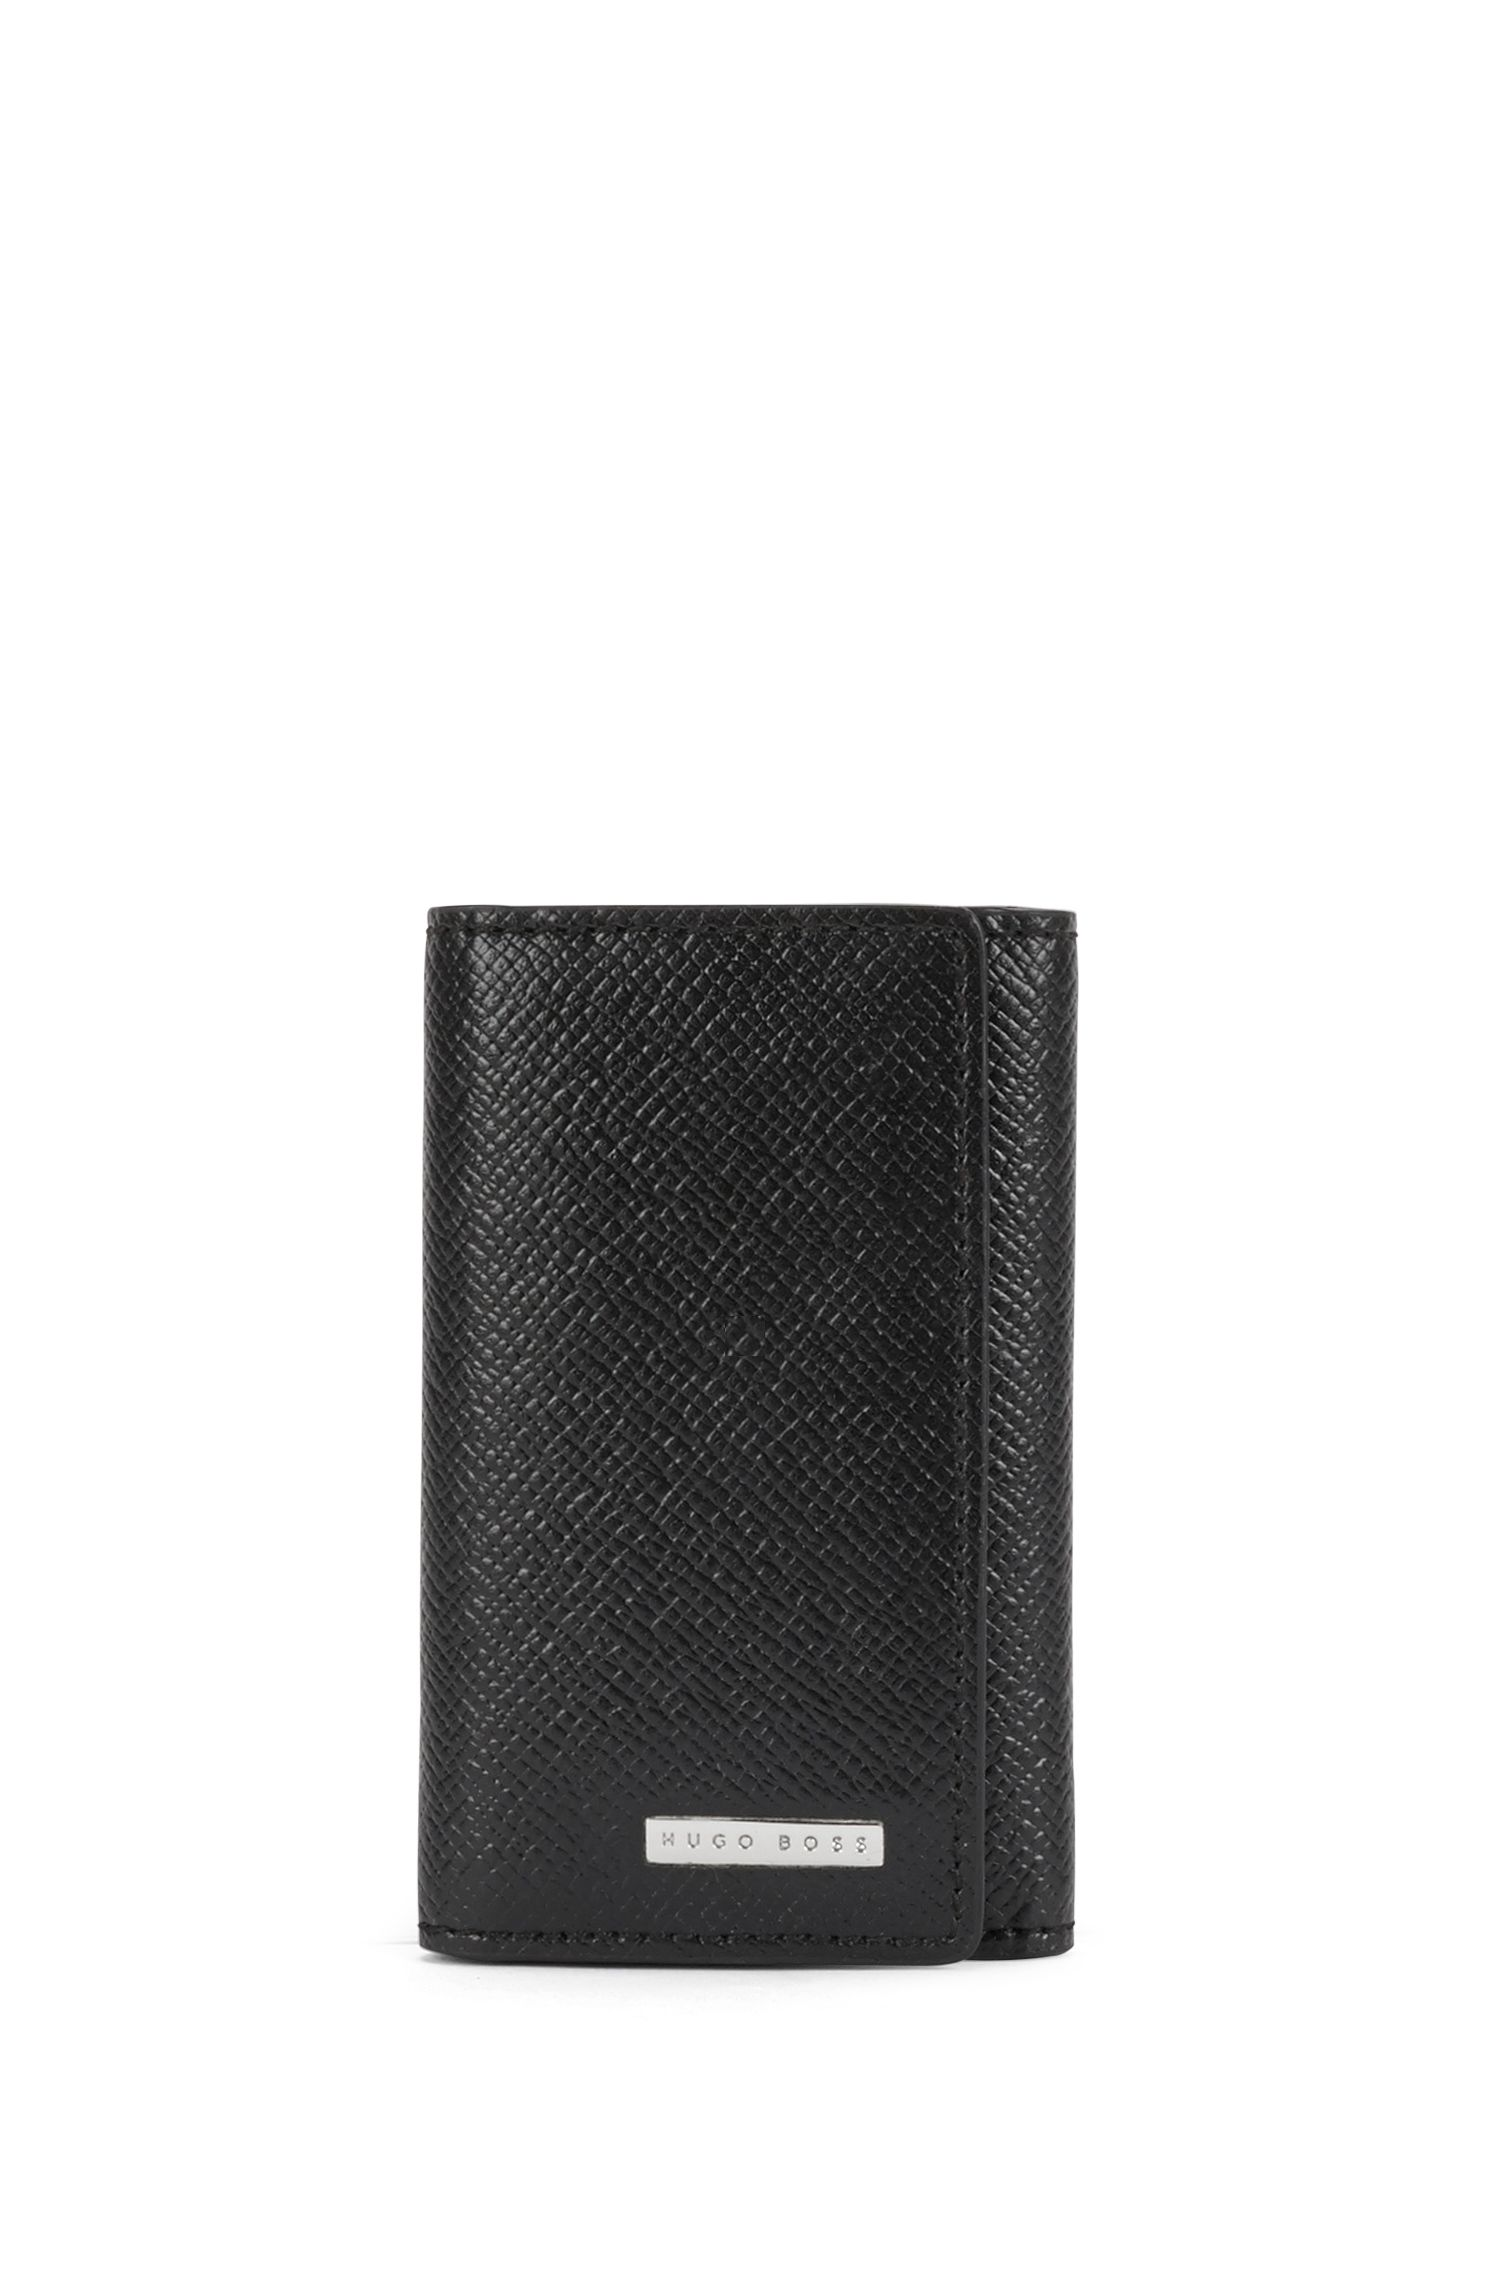 Embossed Leather Key Holder | Signature 7 Keys